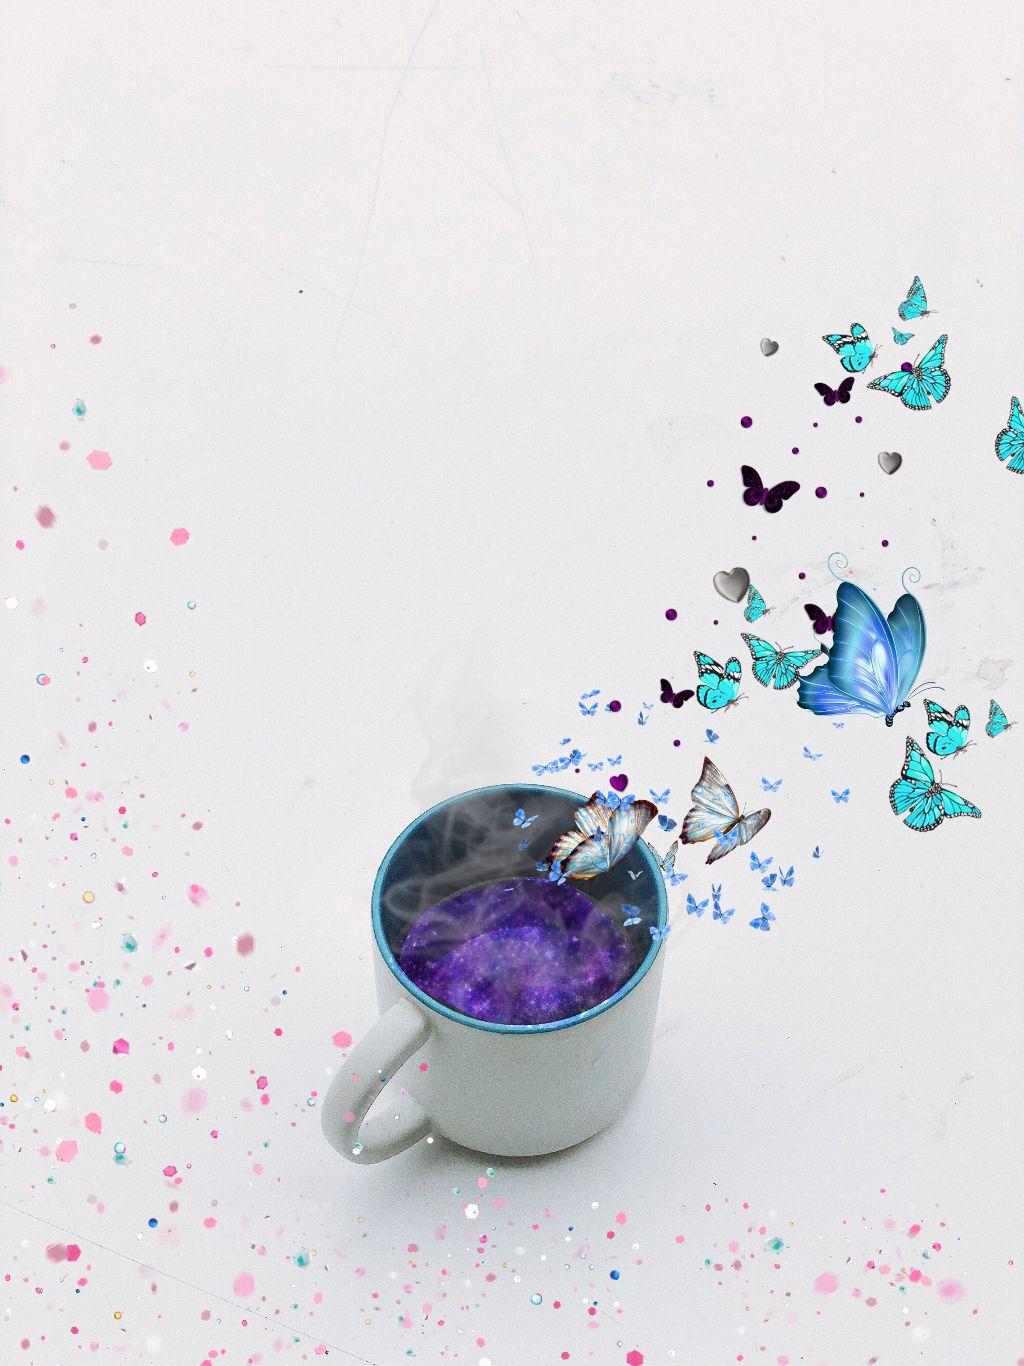 #freetoedit #mug #galaxybrush #smoke #butterflies #butterflybrush #confettibrush #confetti